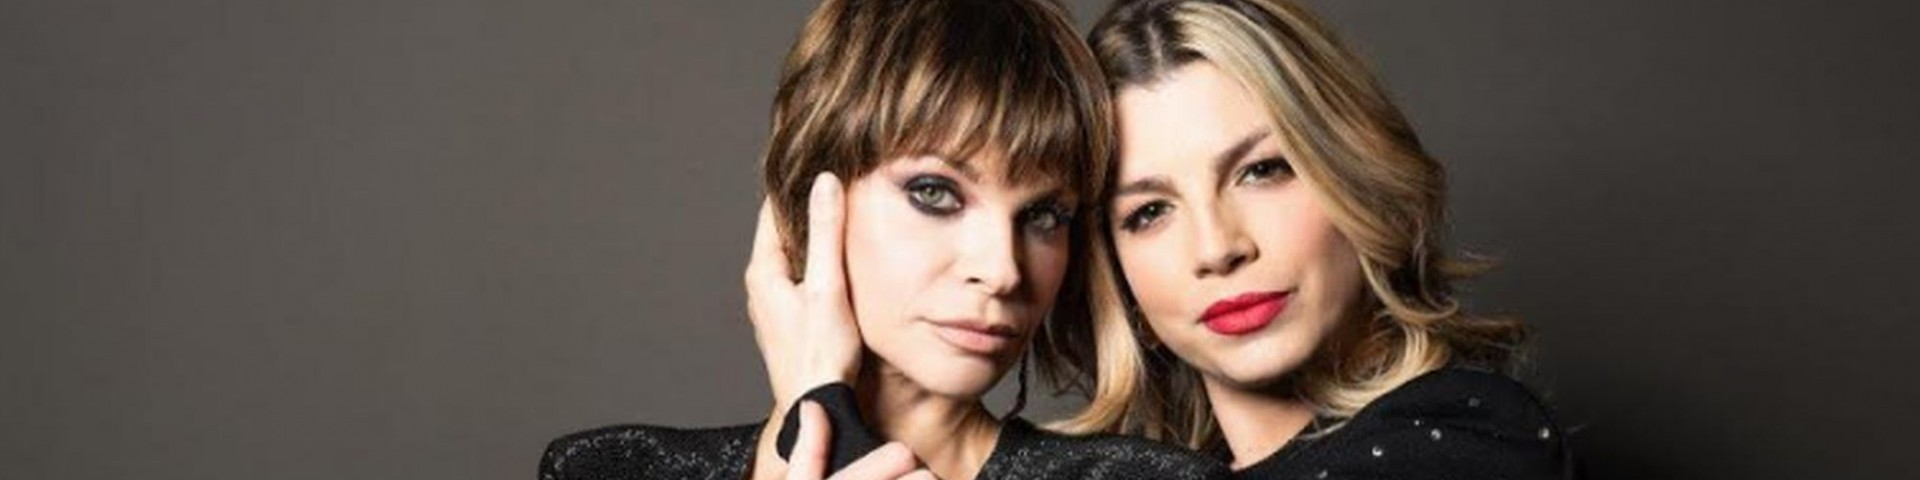 """Emma e Alessandra Amoroso presentano """"Pezzo di cuore"""": """"Maria è orgogliosa di vedere le sue figlie insieme"""""""